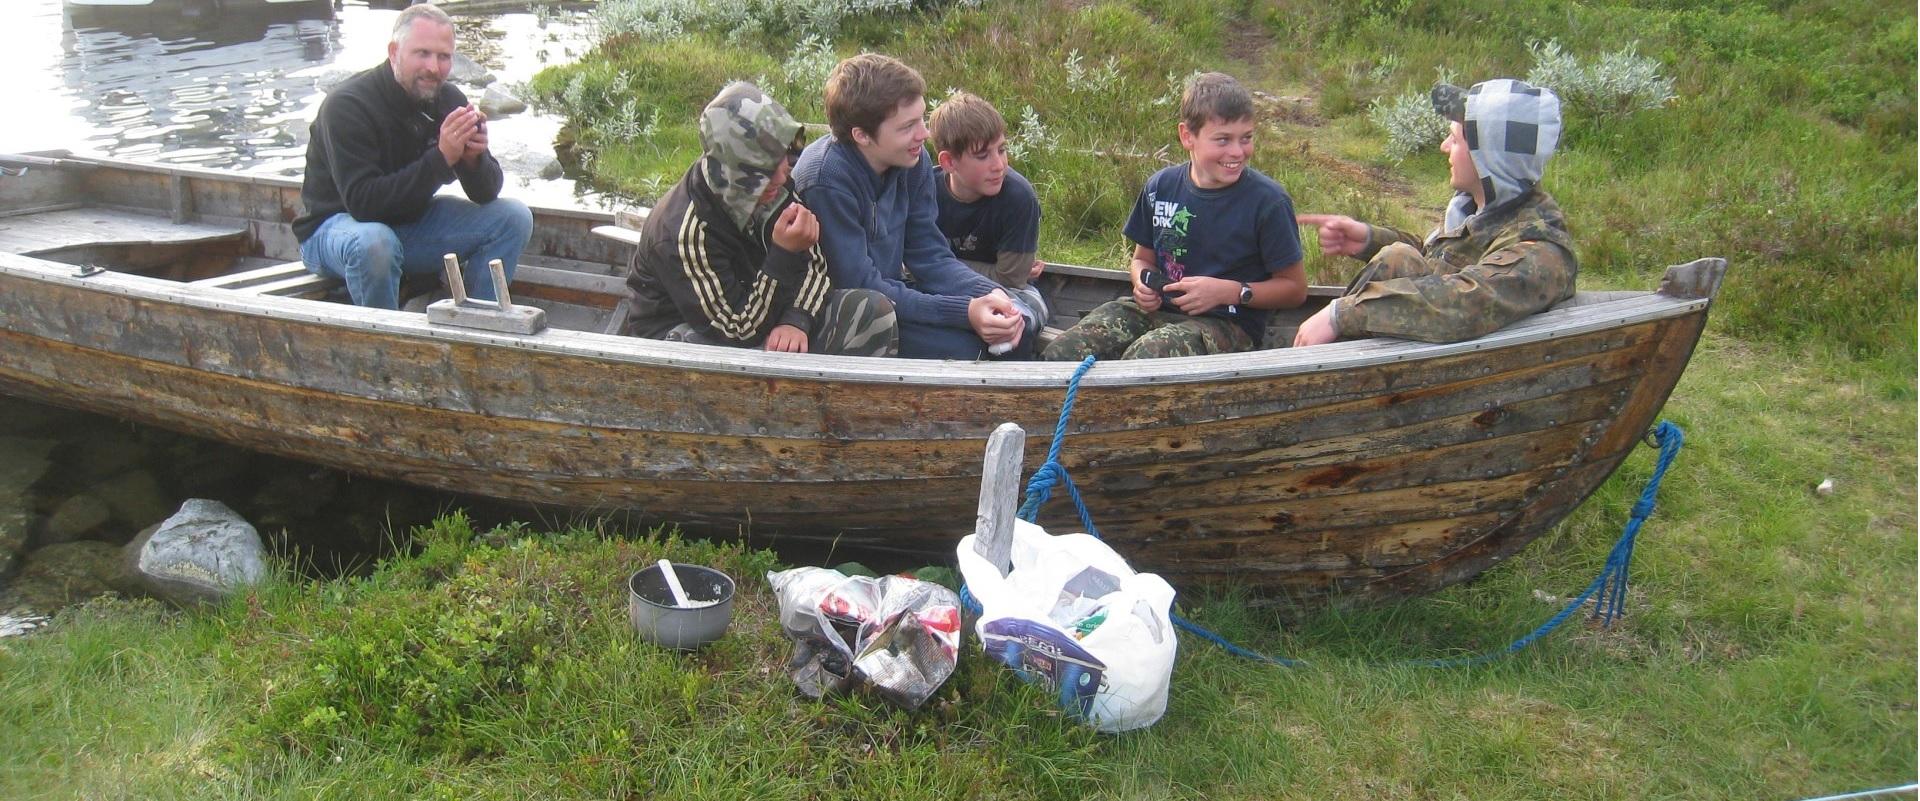 Abenteuer_Reise_VaeSoe_Schweden_Norwegen10.jpg